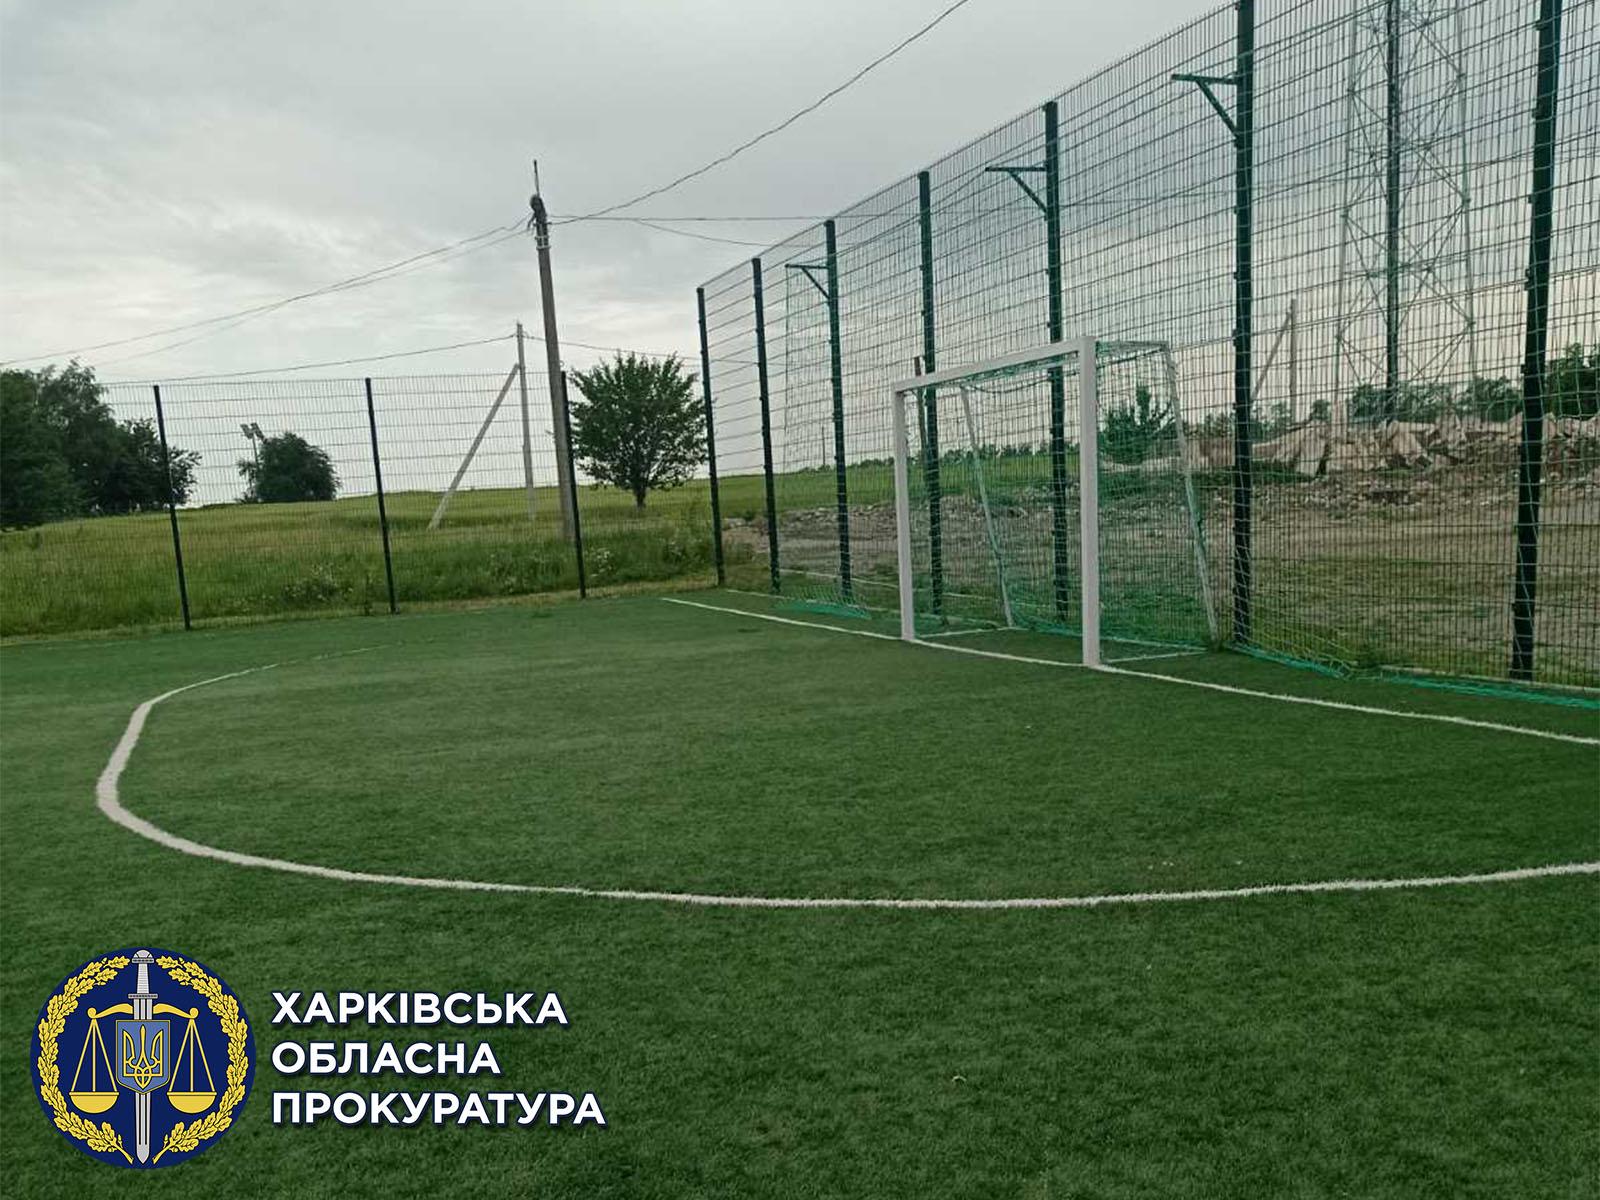 На Харьковщине подрядчик завысил стоимость постройки мини-поля для футбола на 300 тыс. грн